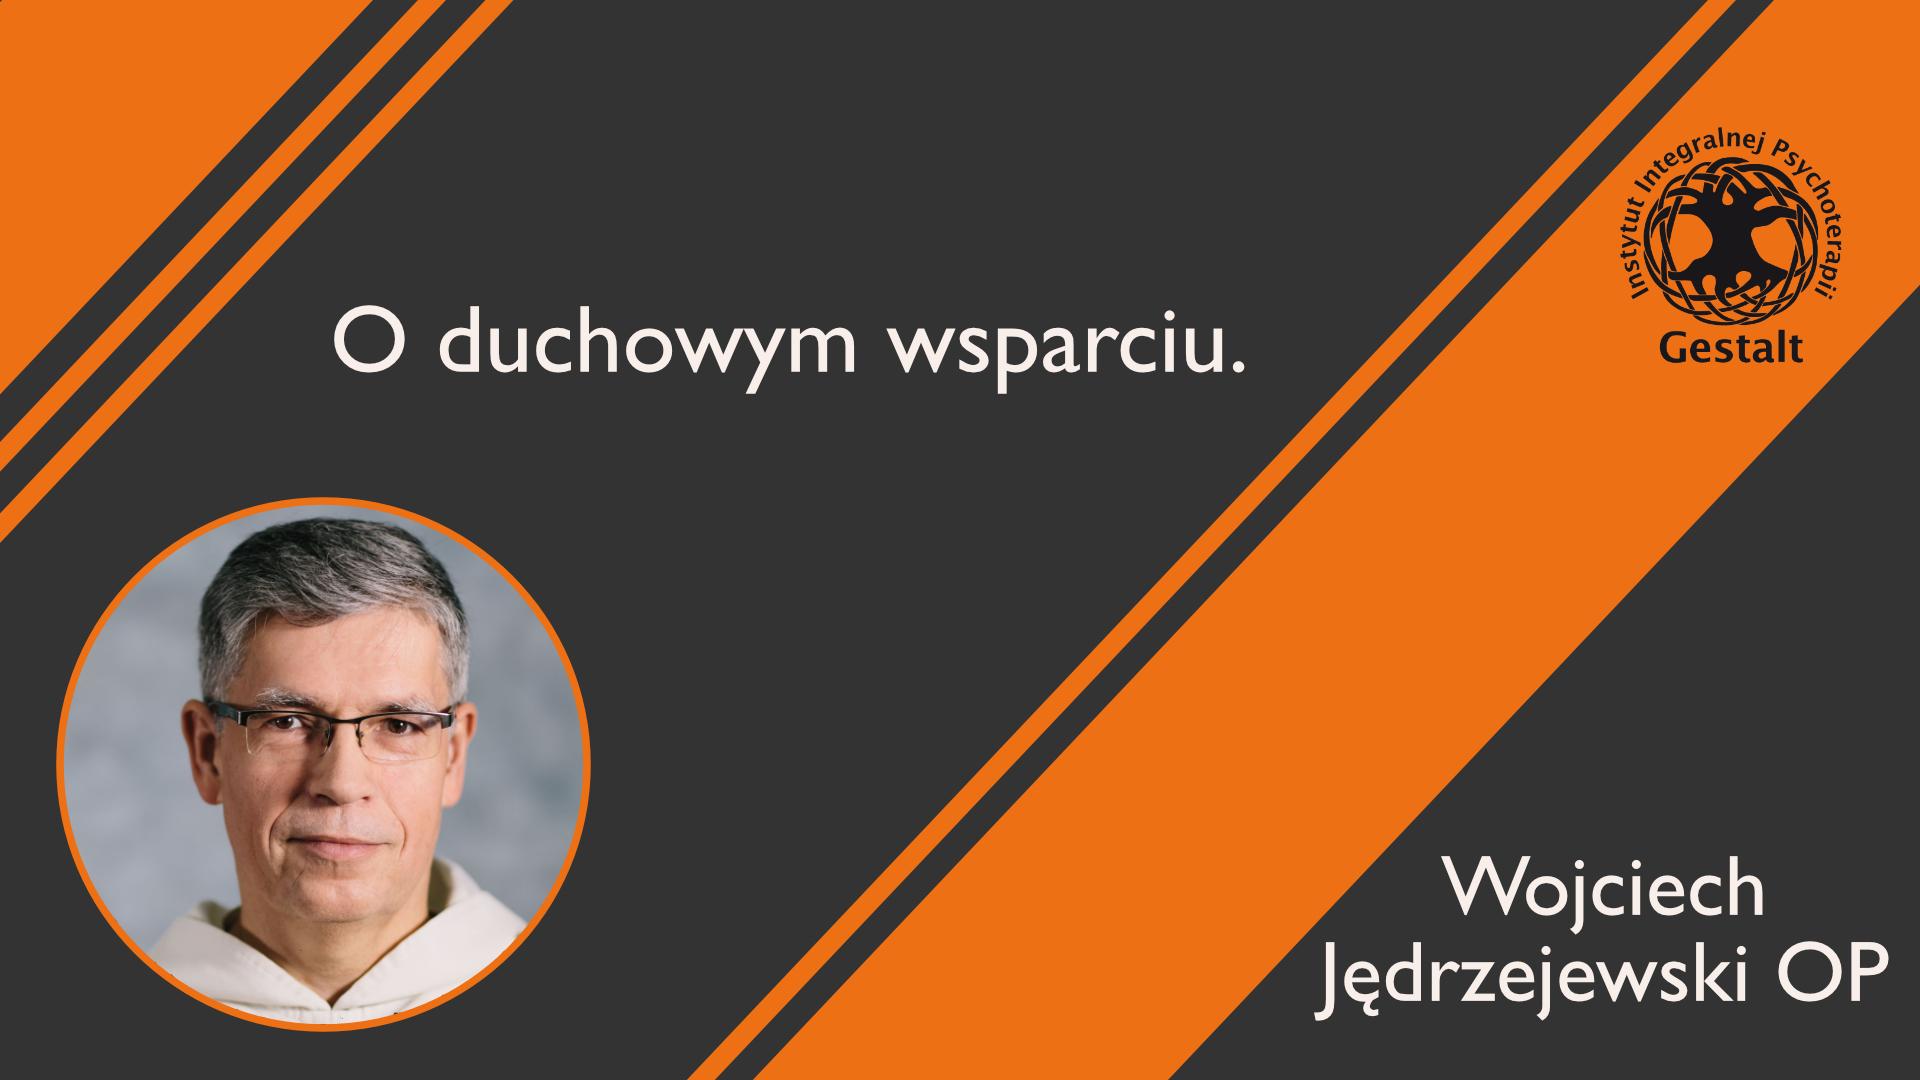 """Wojciech Jędrzejewski """"O duchowym wsparciu"""""""